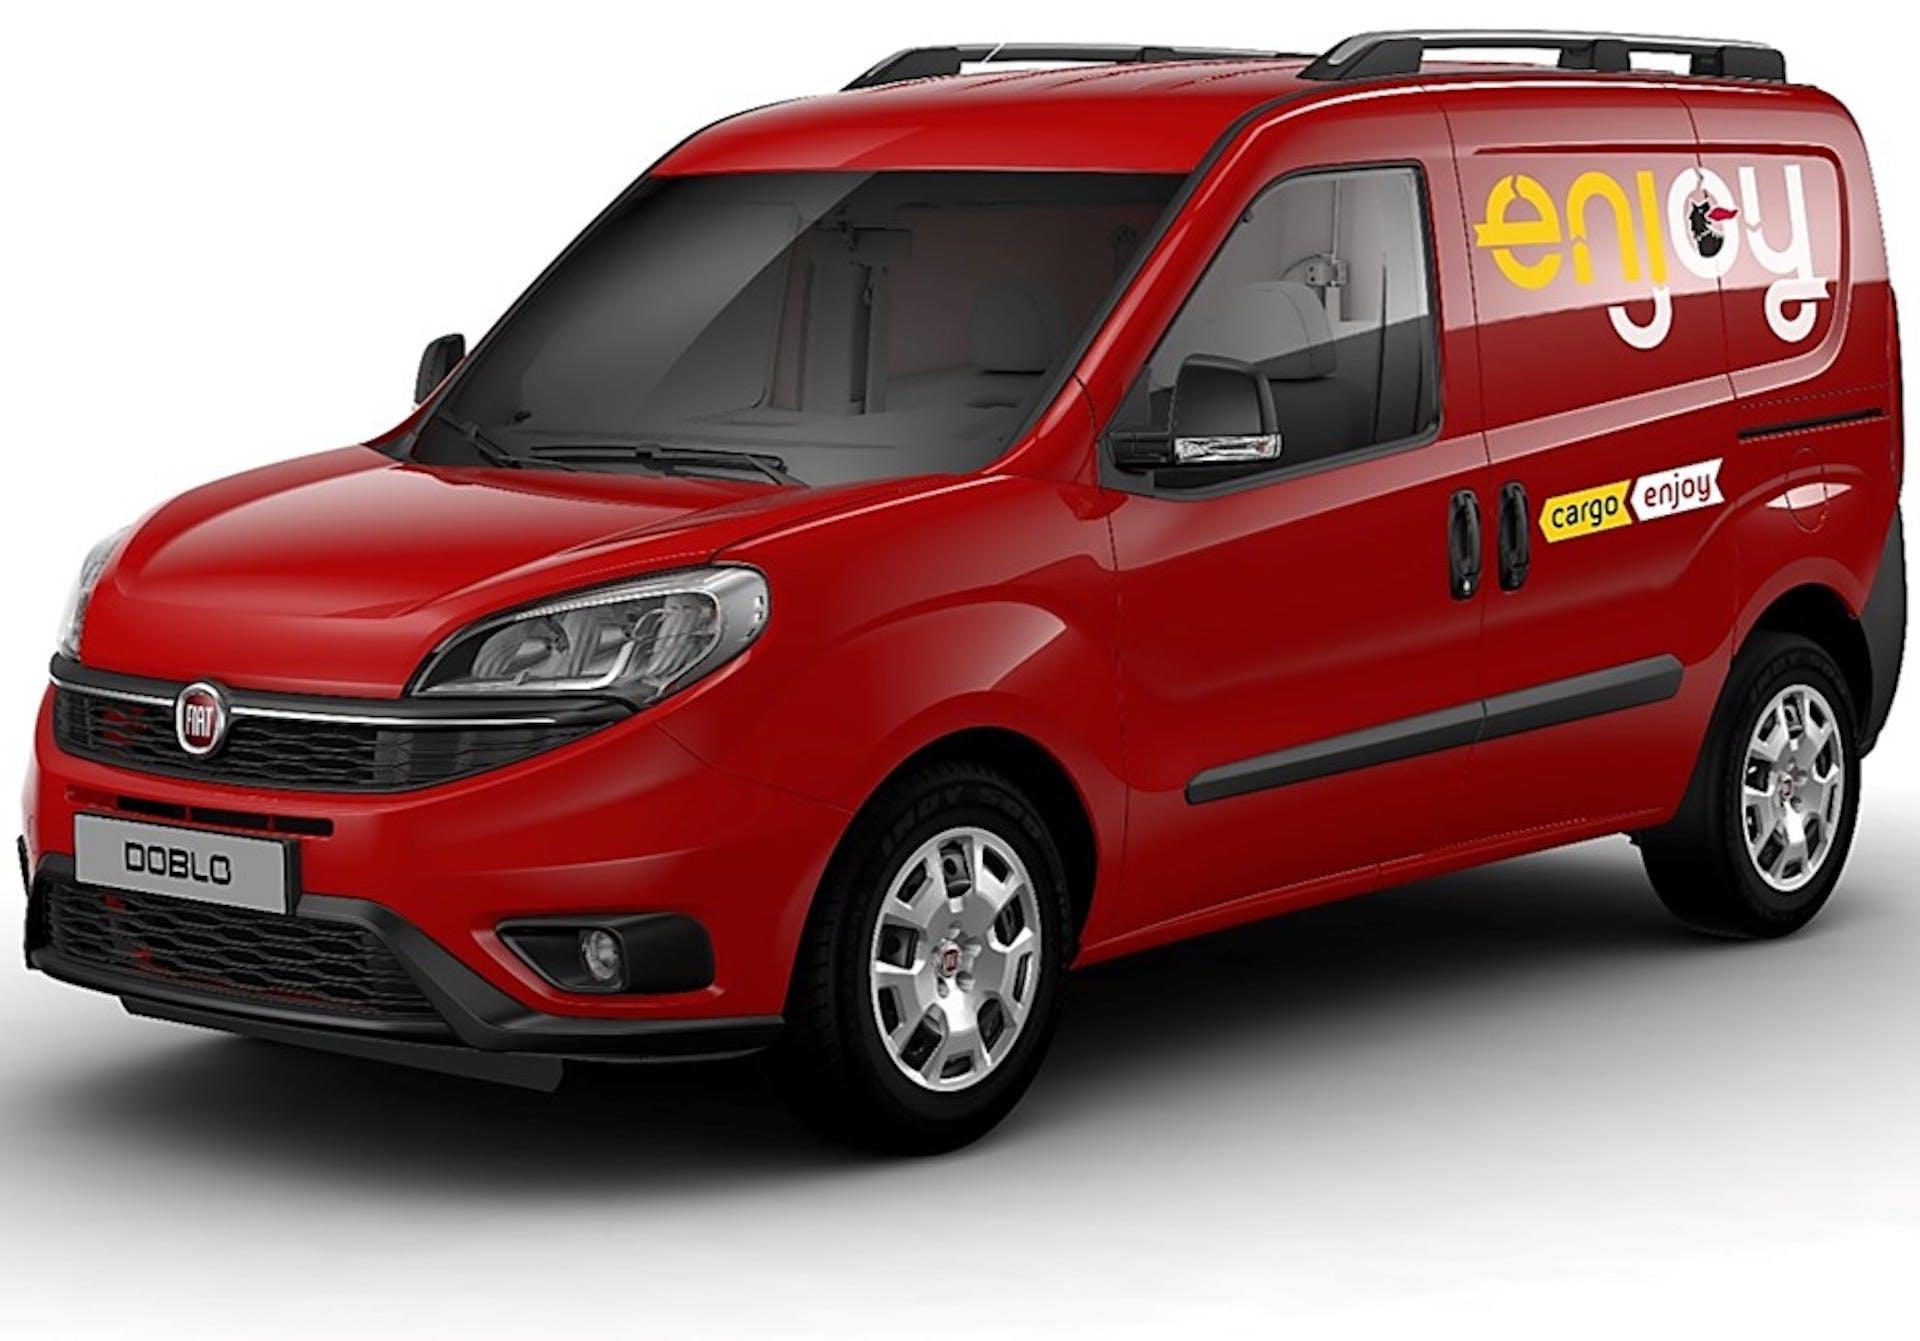 Enjoy Cargo il nuovo servizio di vehicle sharing